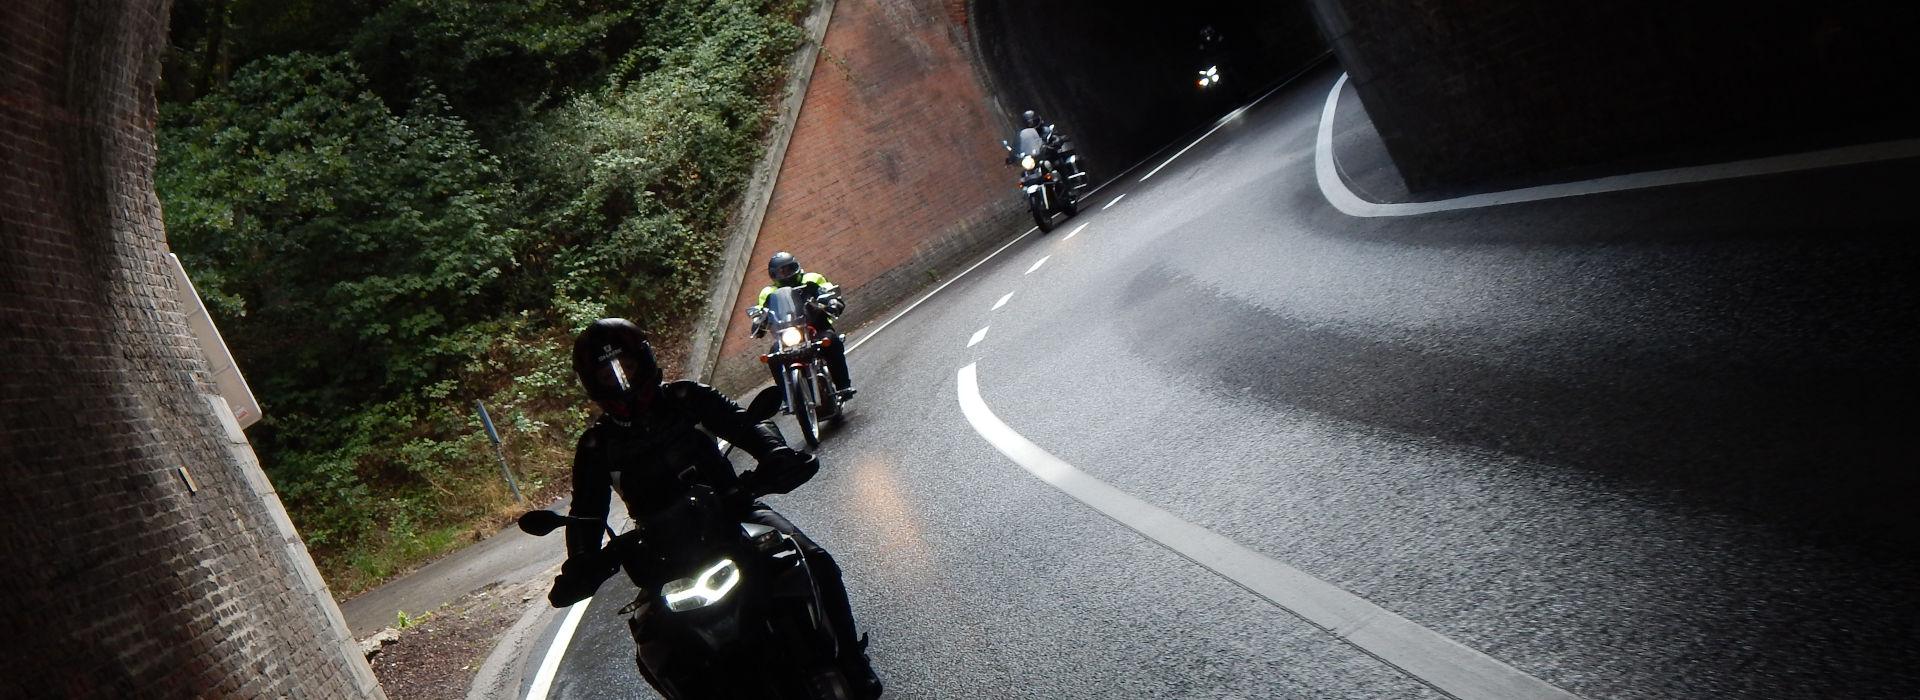 Motorrijbewijspoint Eygelshoven snel motorrijbewijs halen